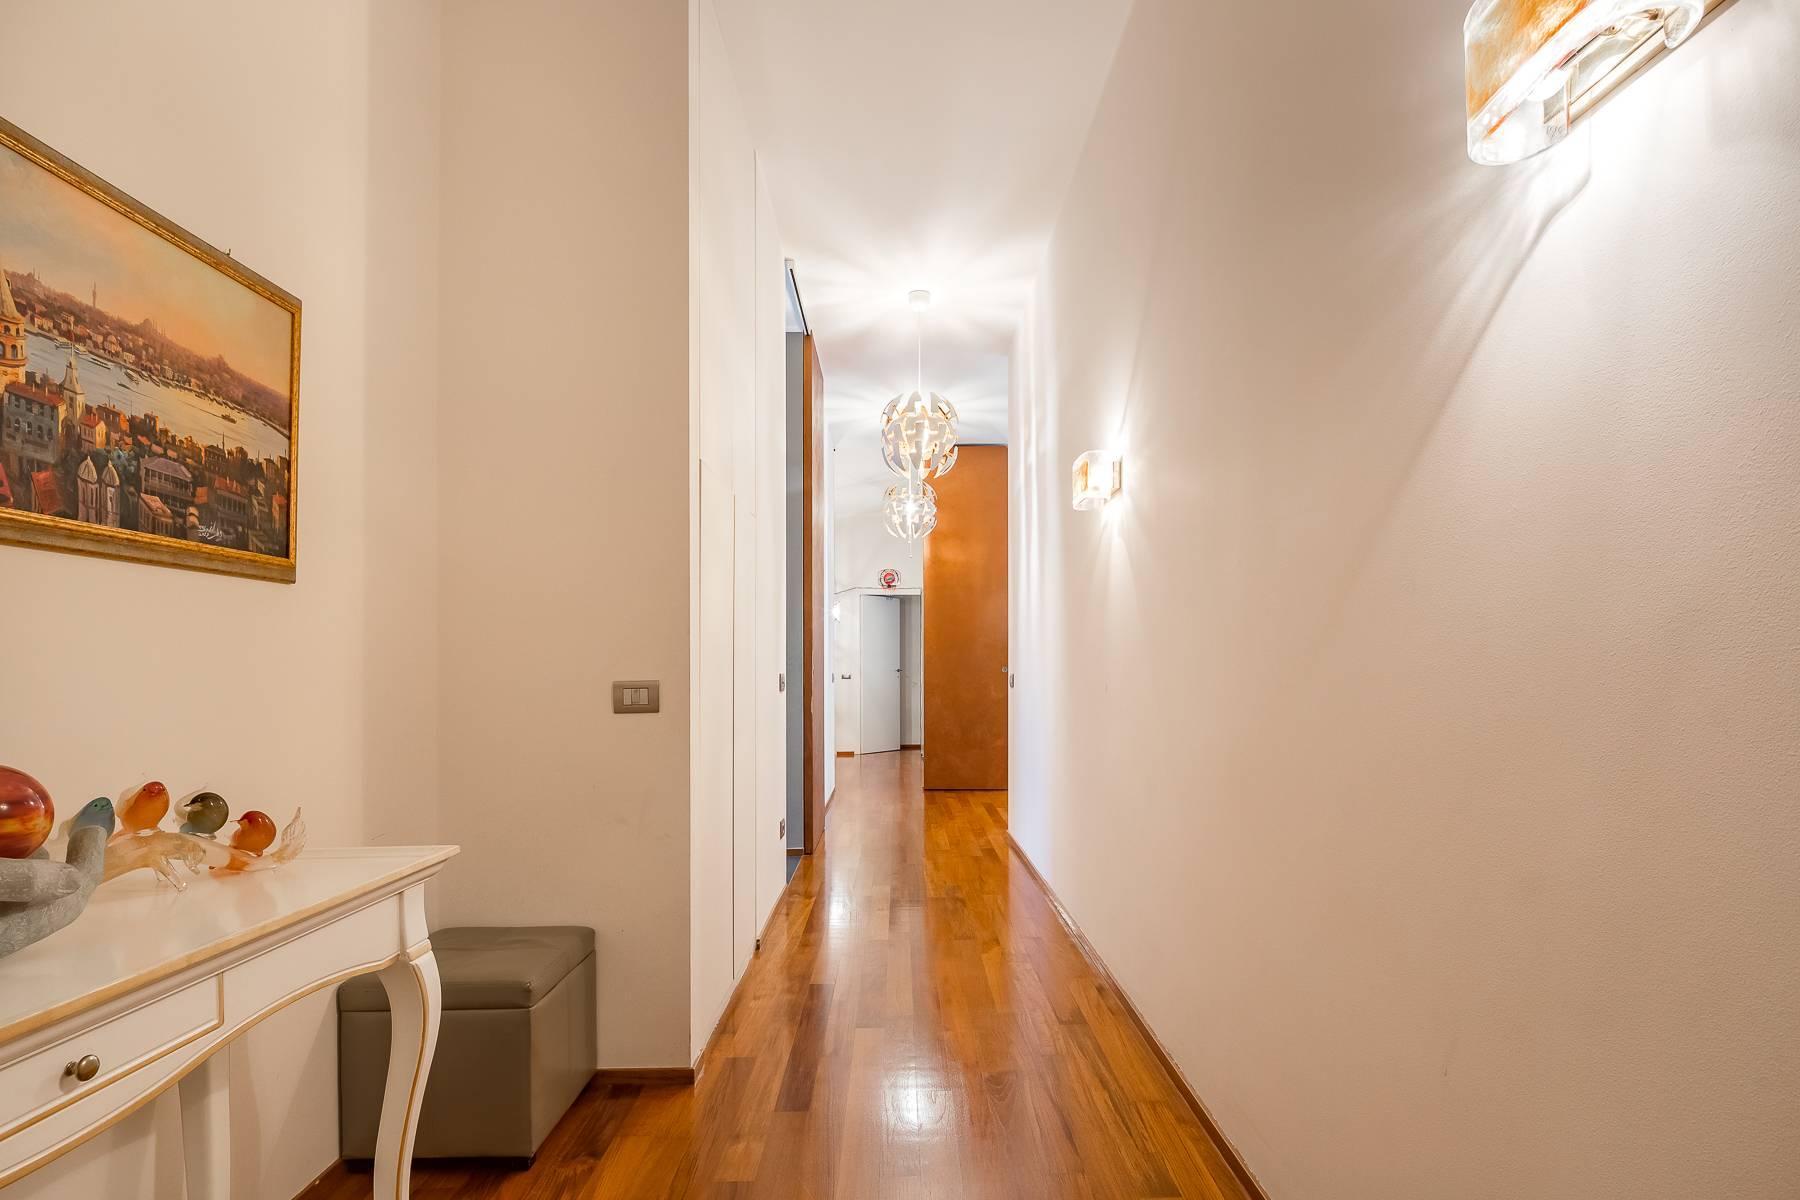 Renovierte Wohnung im Stadtviertel Ticinese/Darsena - 17